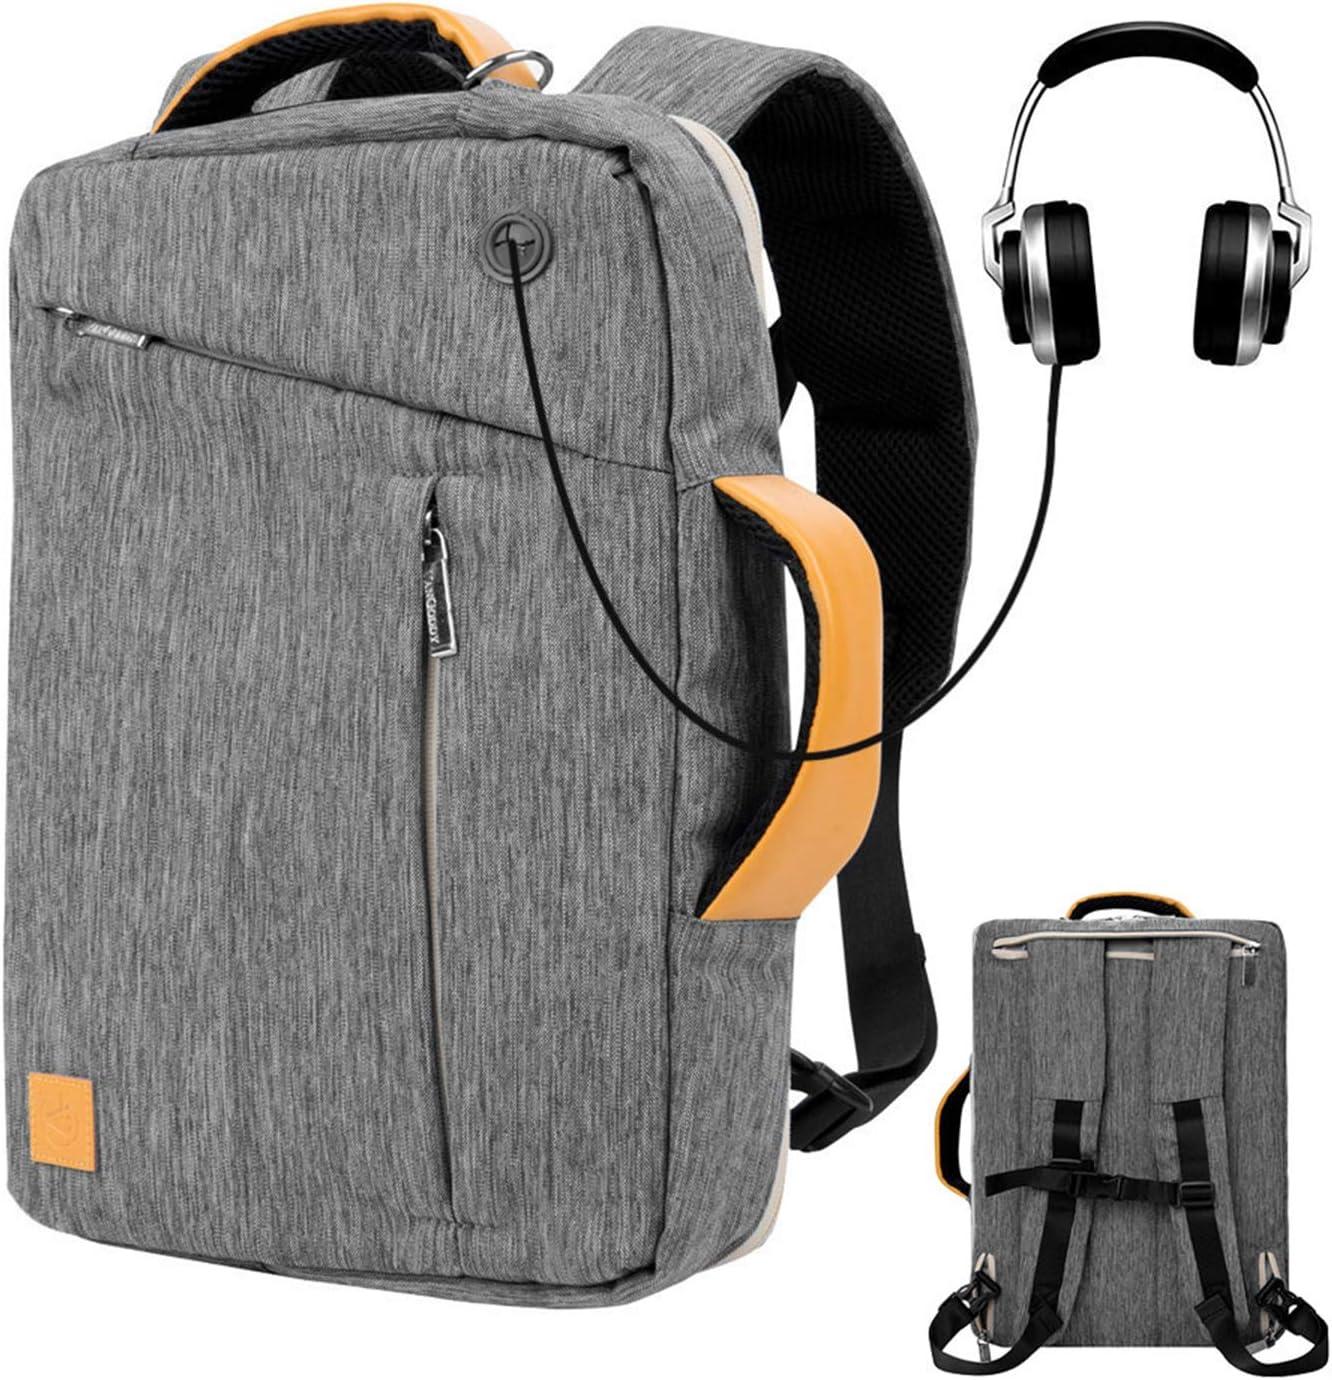 11.6 12.5 inch Tablet Sleeve Case Convertible Laptop Backpack Shoulder Bag for Men Women Travel School Work fits Acer Asus HP Lenovo Samsung Chromebook